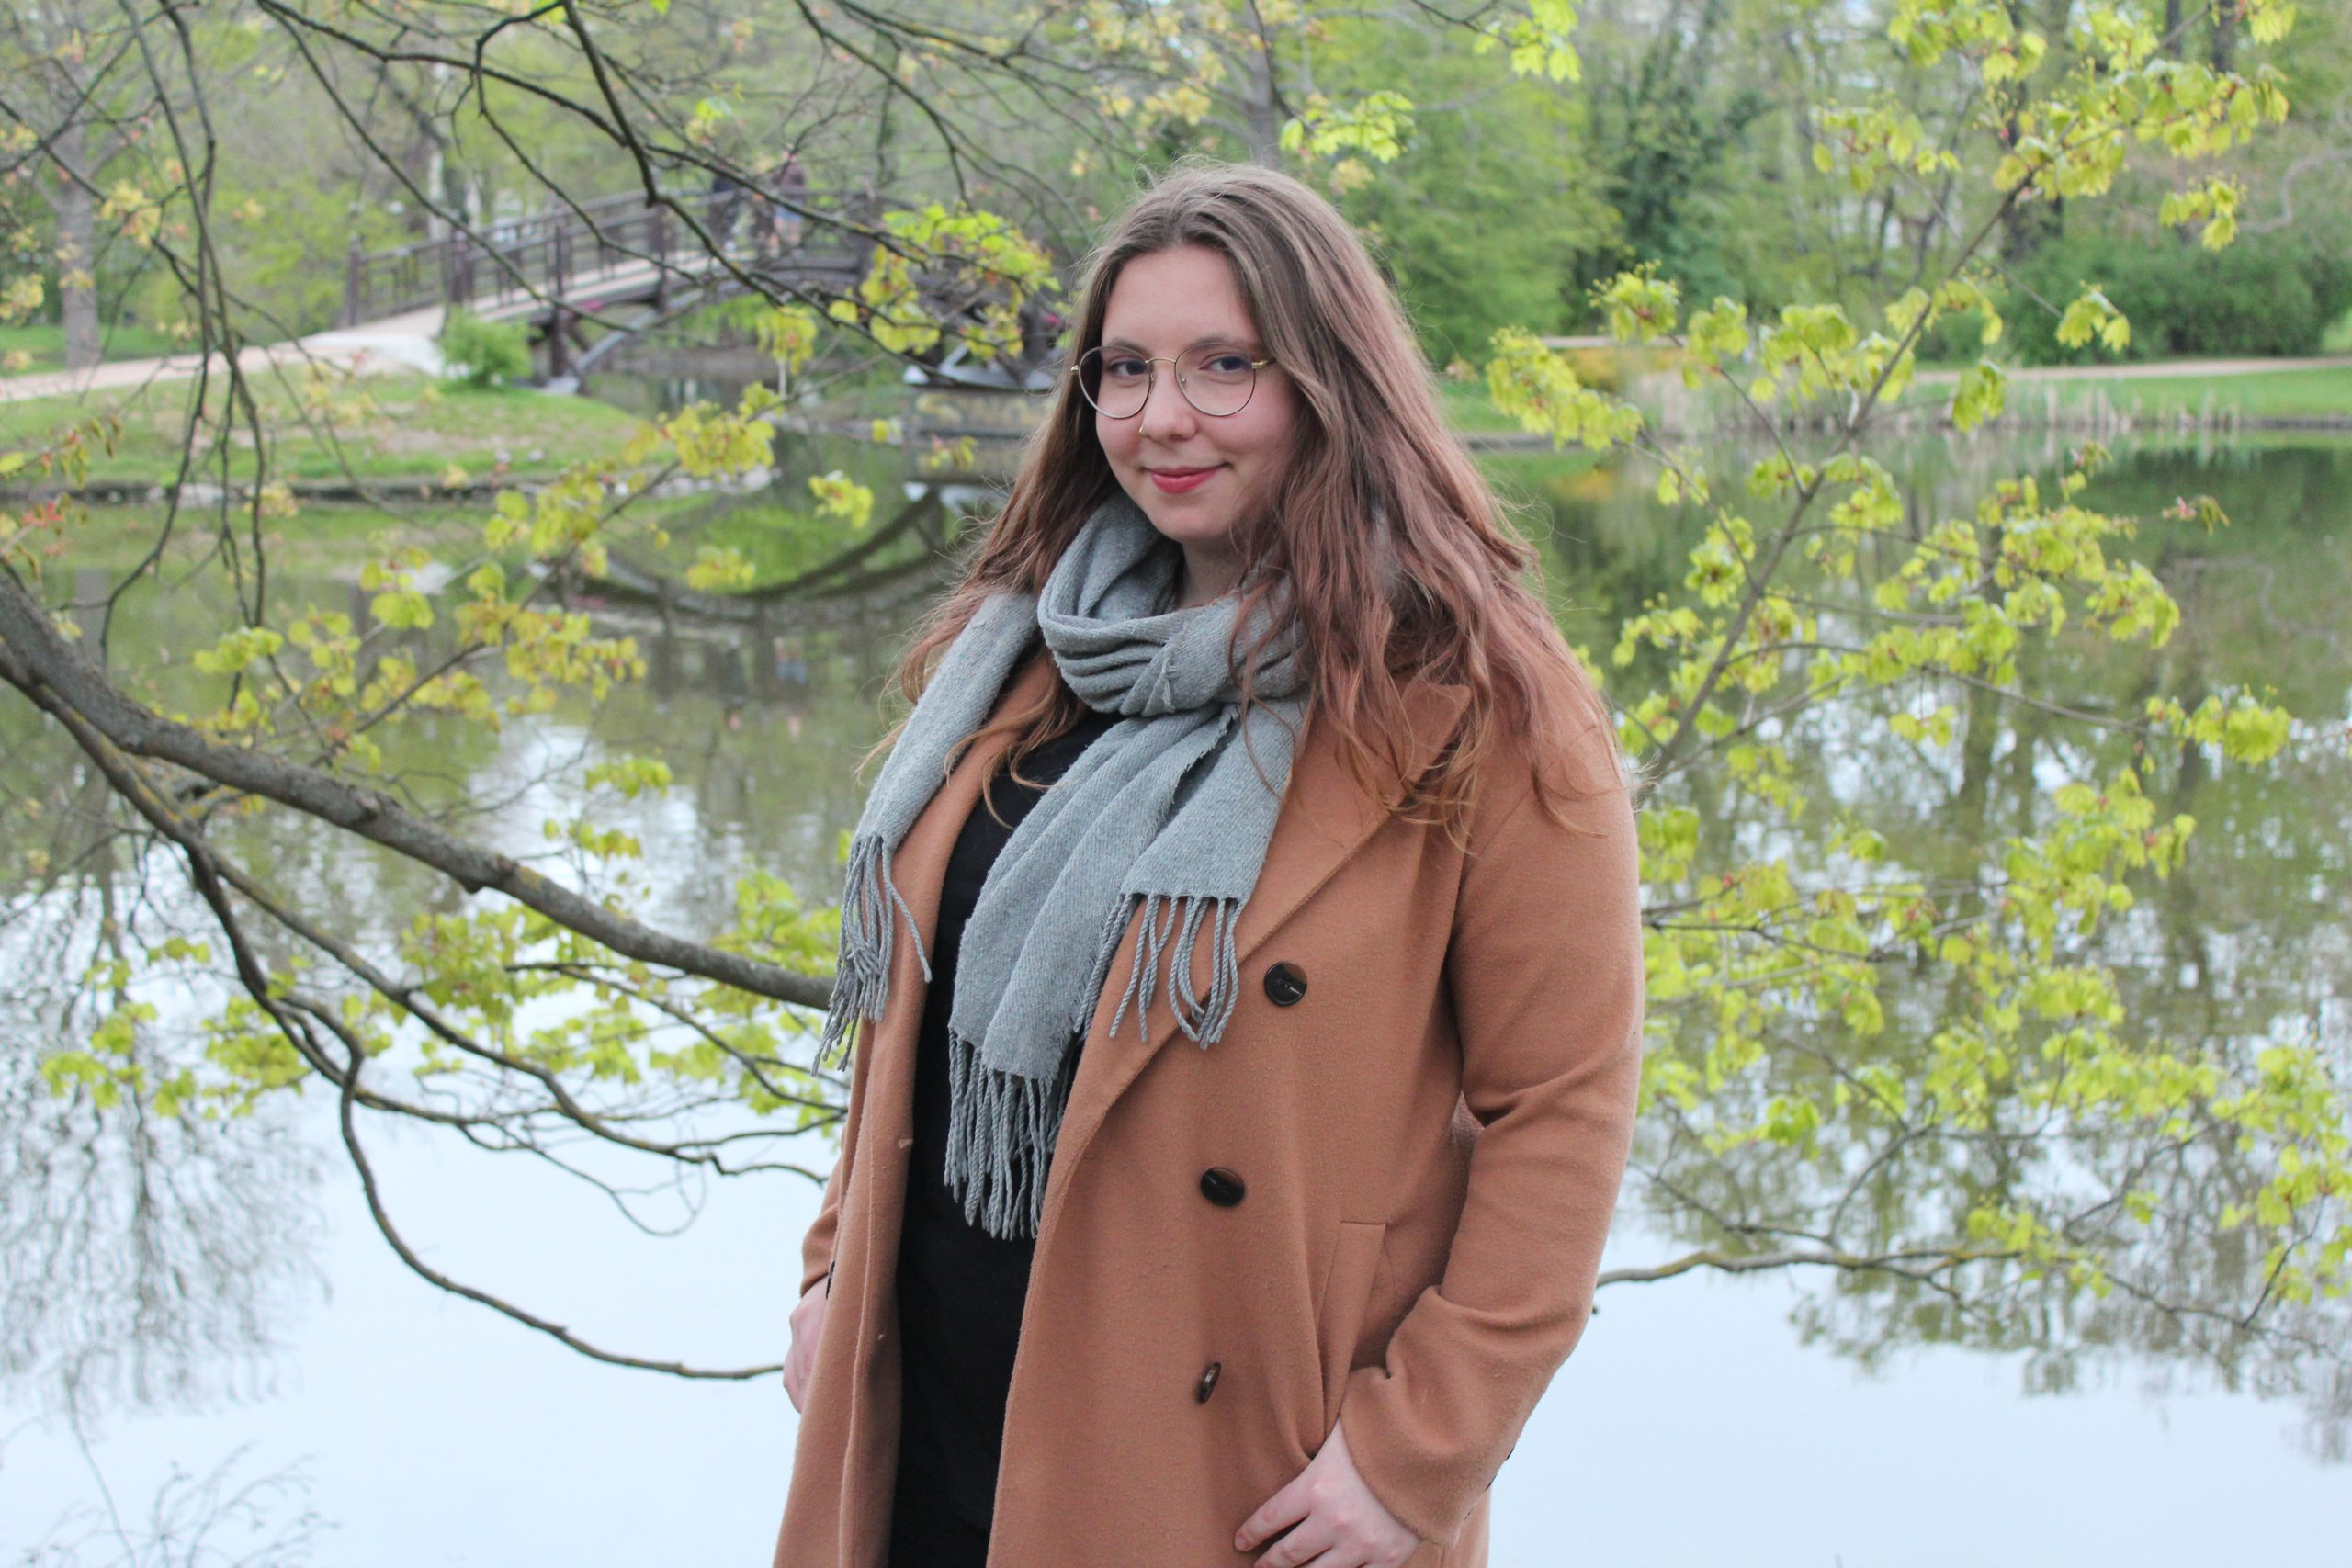 Lina Klöpper trägt einen grauen Schal und einen hellbraunen Mantel. Im Hintergrund sieht man den Johannapark